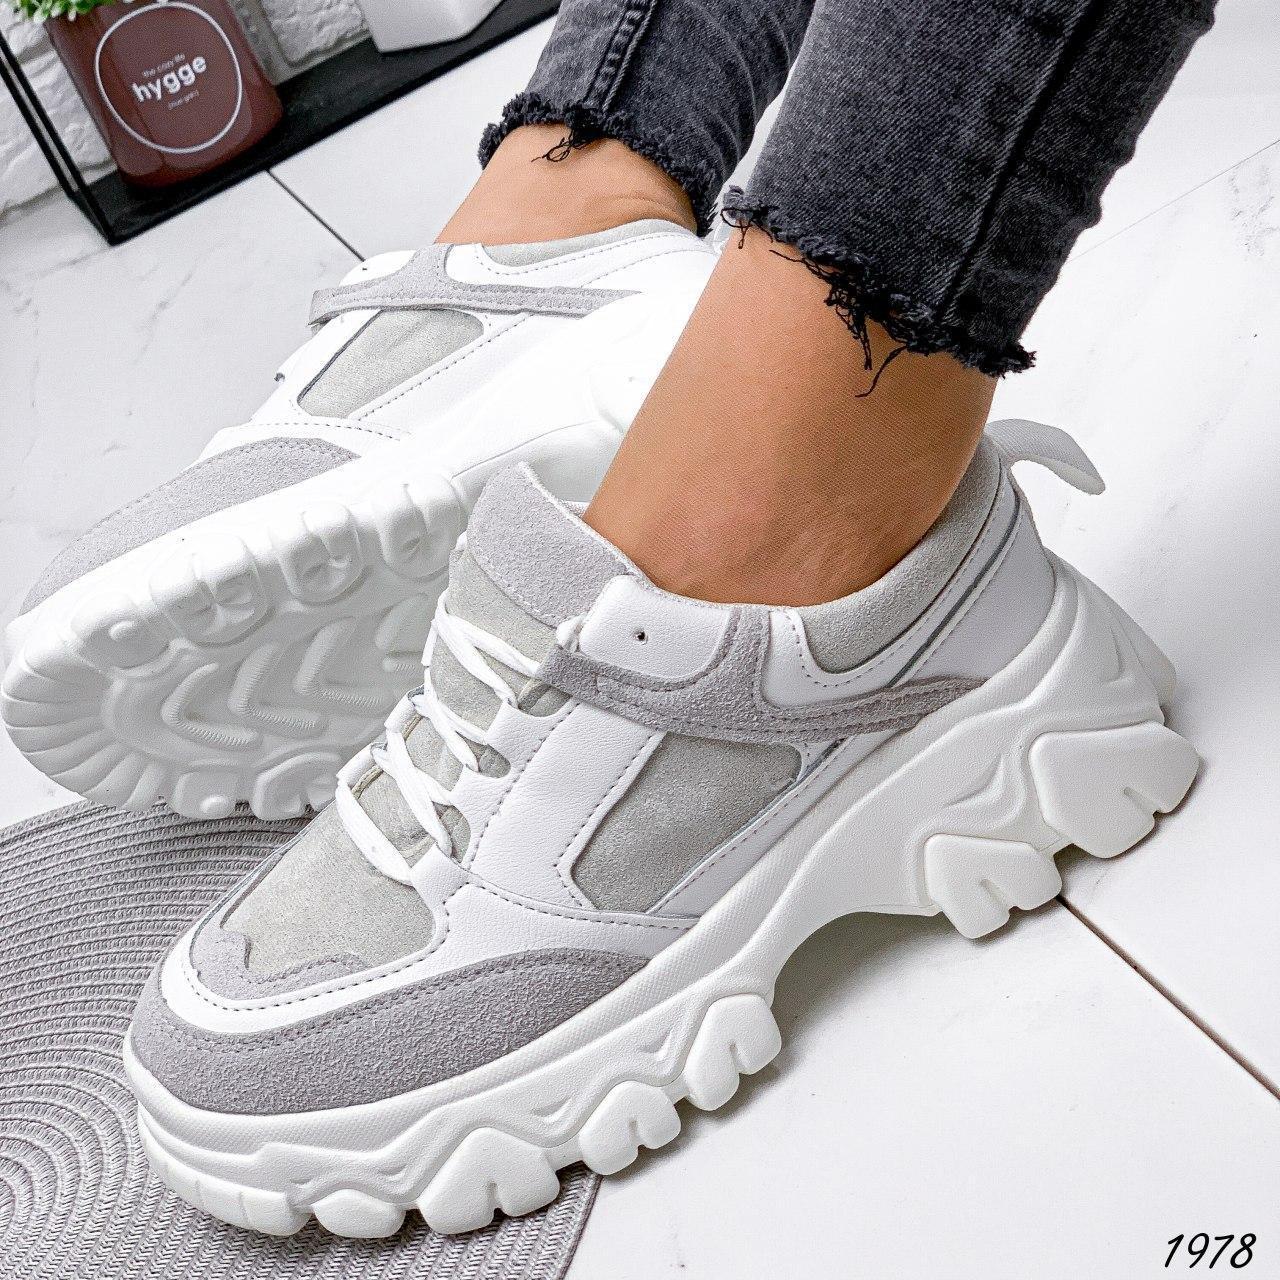 Кроссовки женские белые + серые на платформе из эко кожи. Кросівки жіночі білі + сірі на платформі